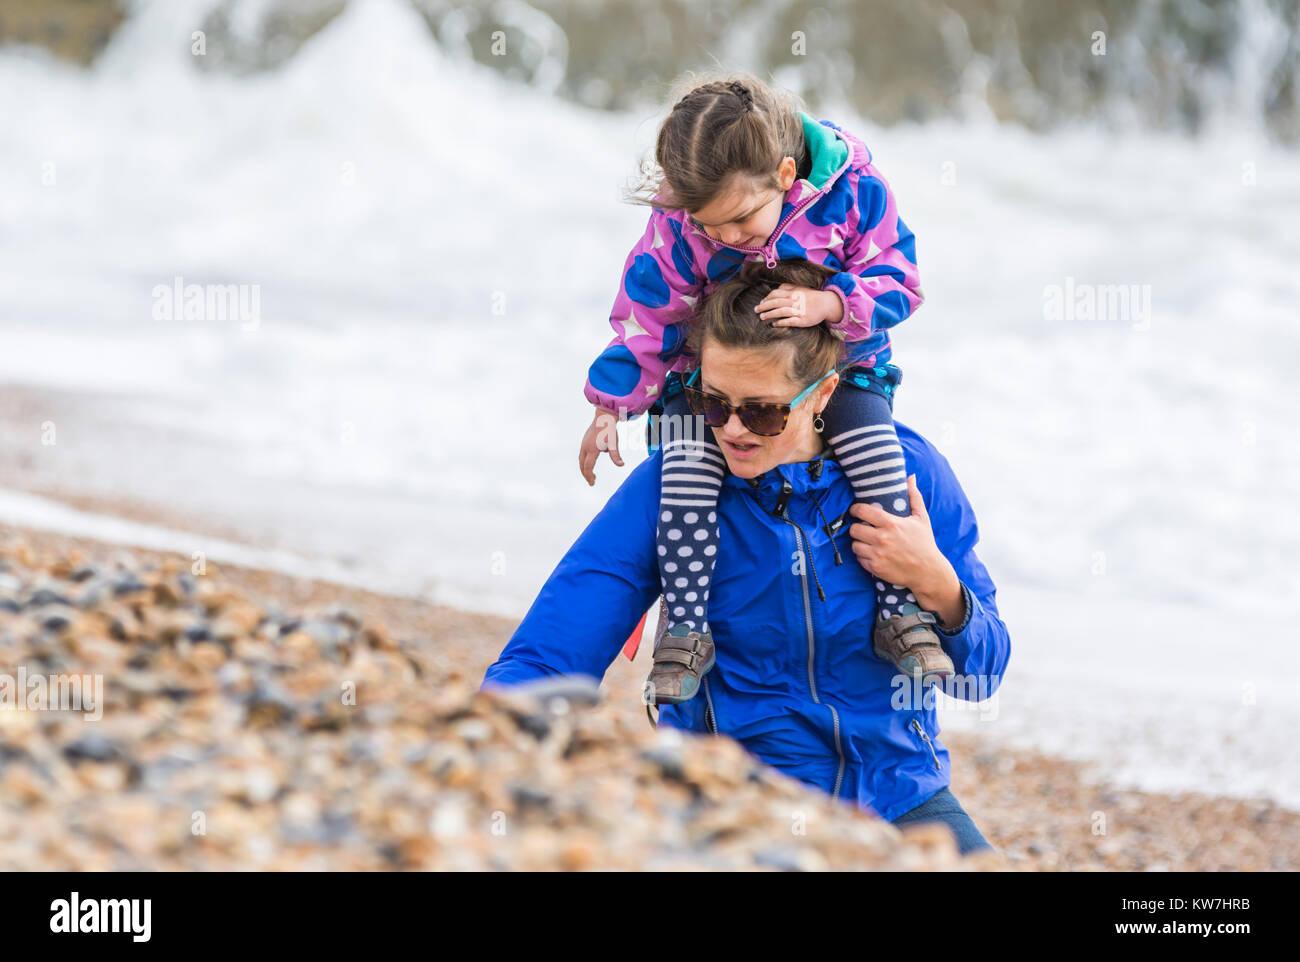 Bambino sulla donna di spalle raccogli conchiglie sulla spiaggia su una ruvida giorno nel Regno Unito. Immagini Stock